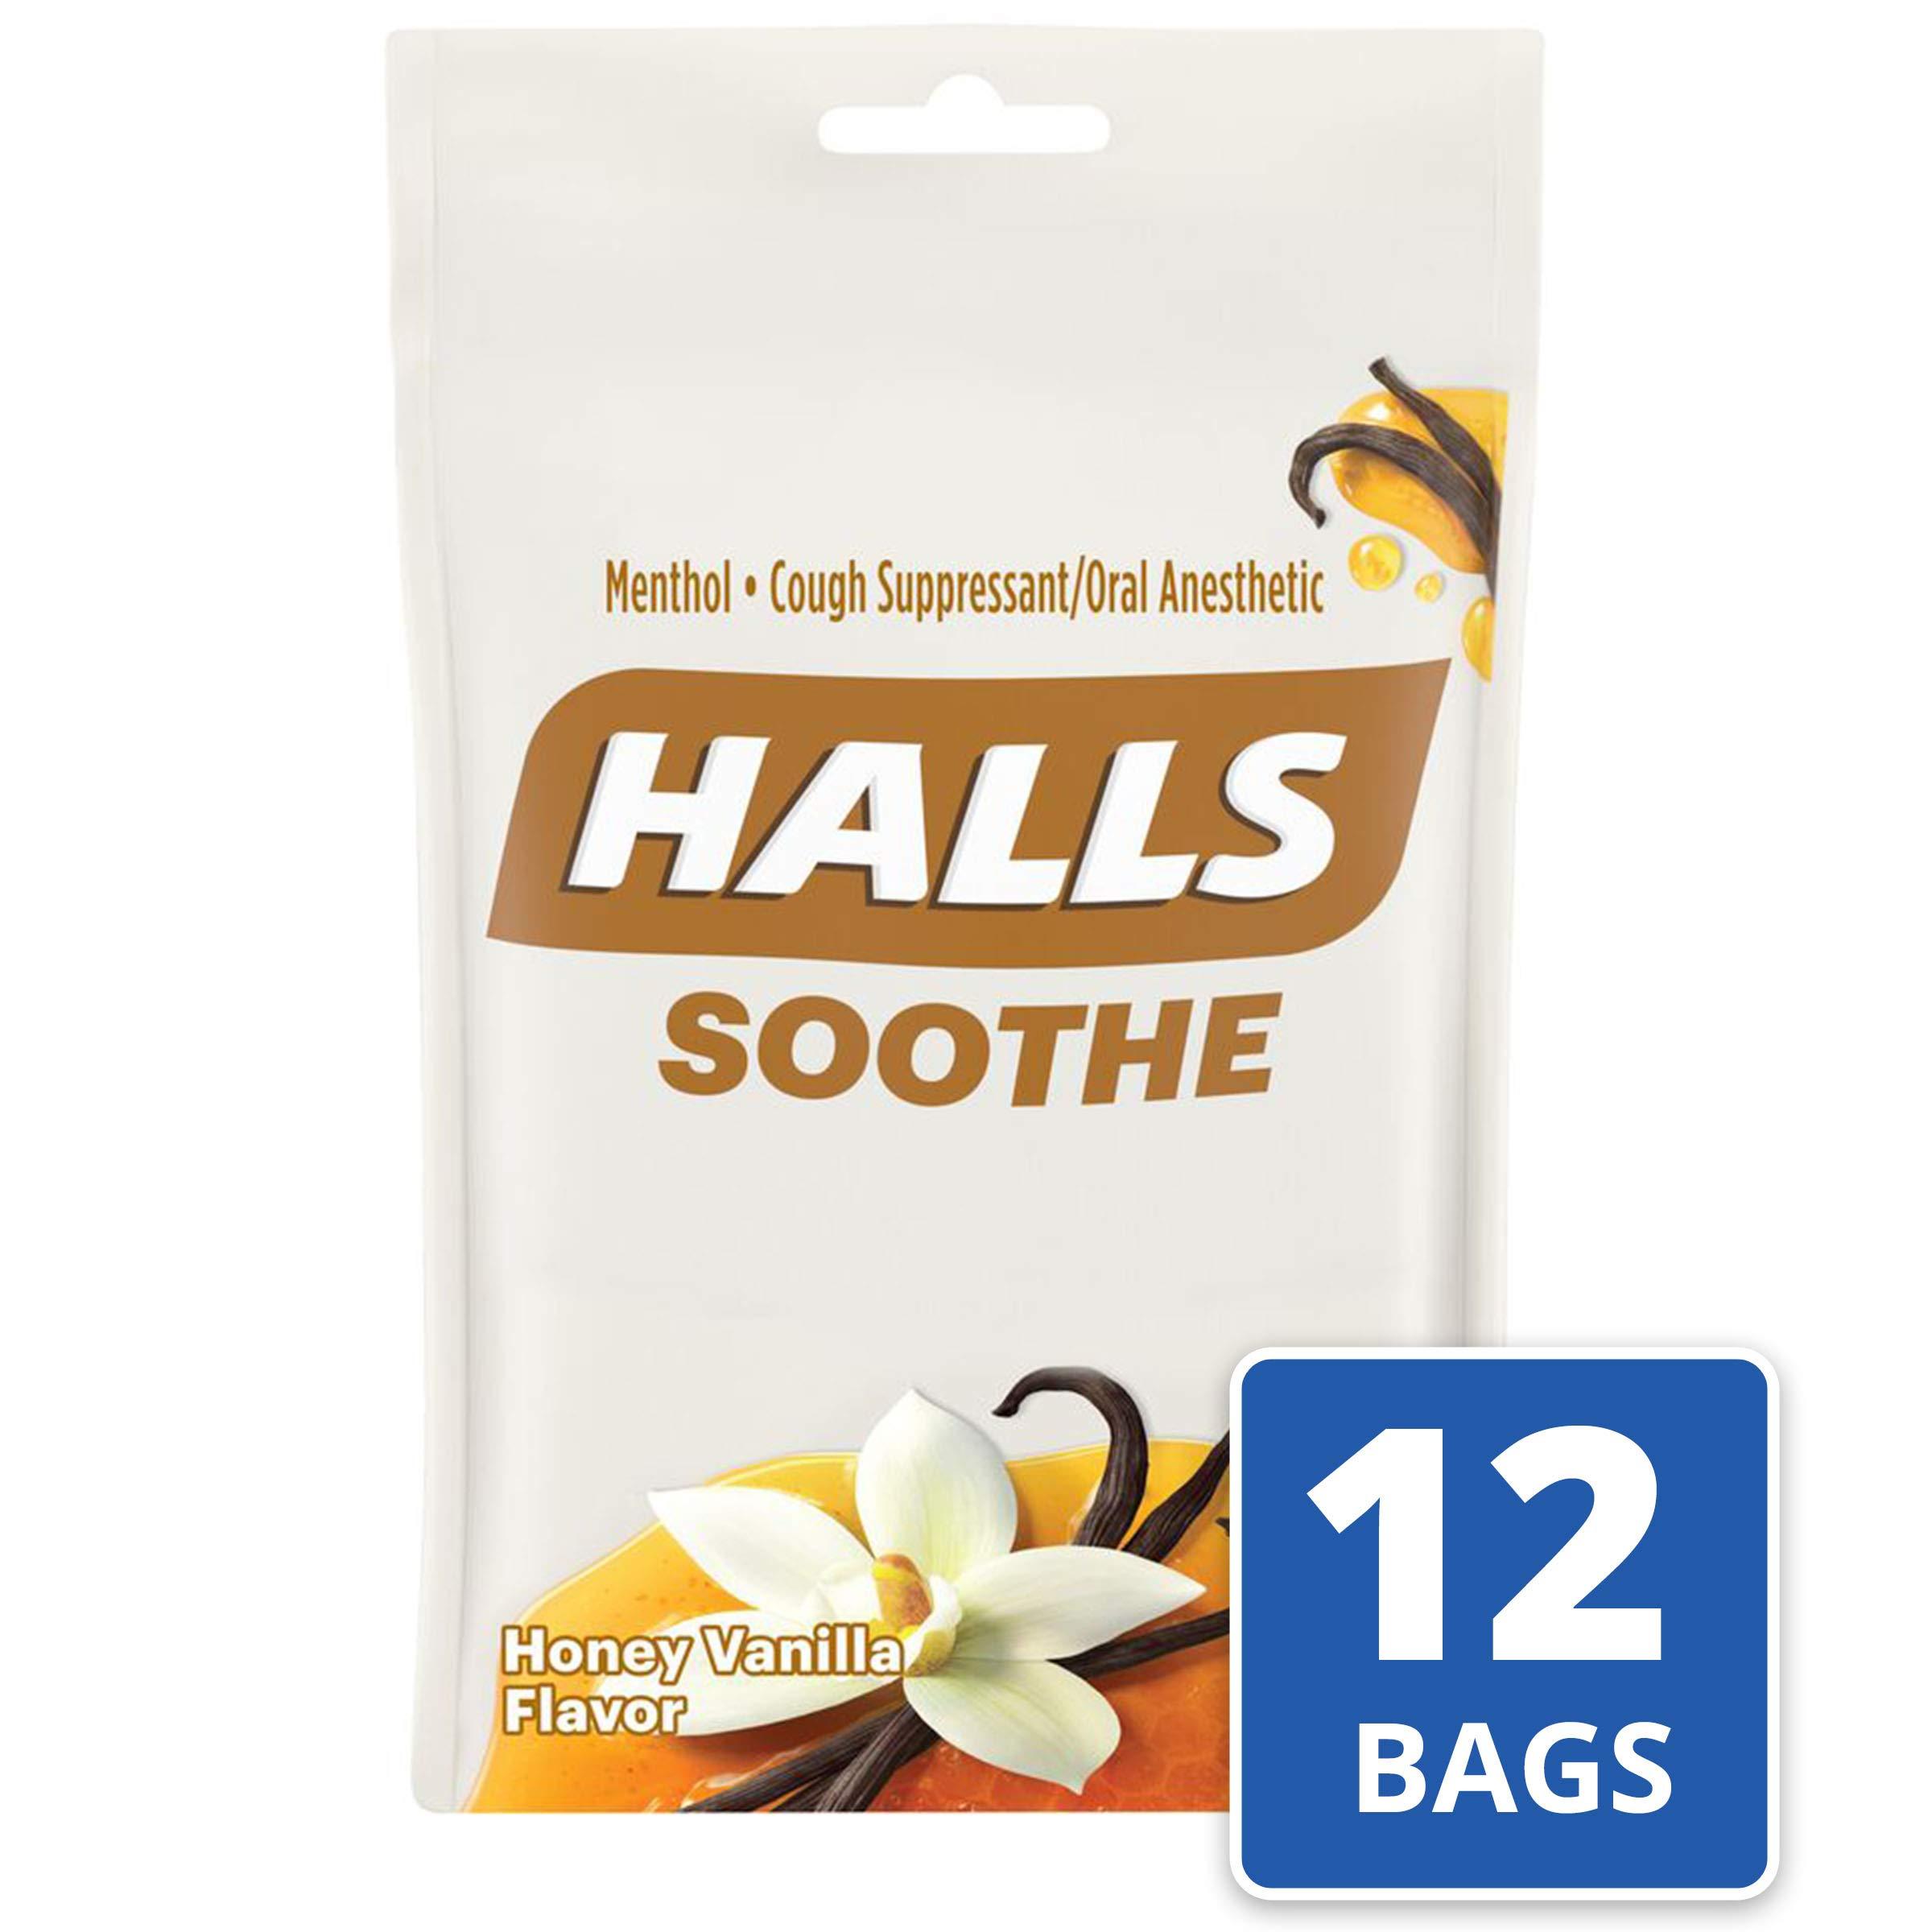 Halls Honey Vanilla Cough Drops - 360 Drops (12 bags of 30 drops) by Halls